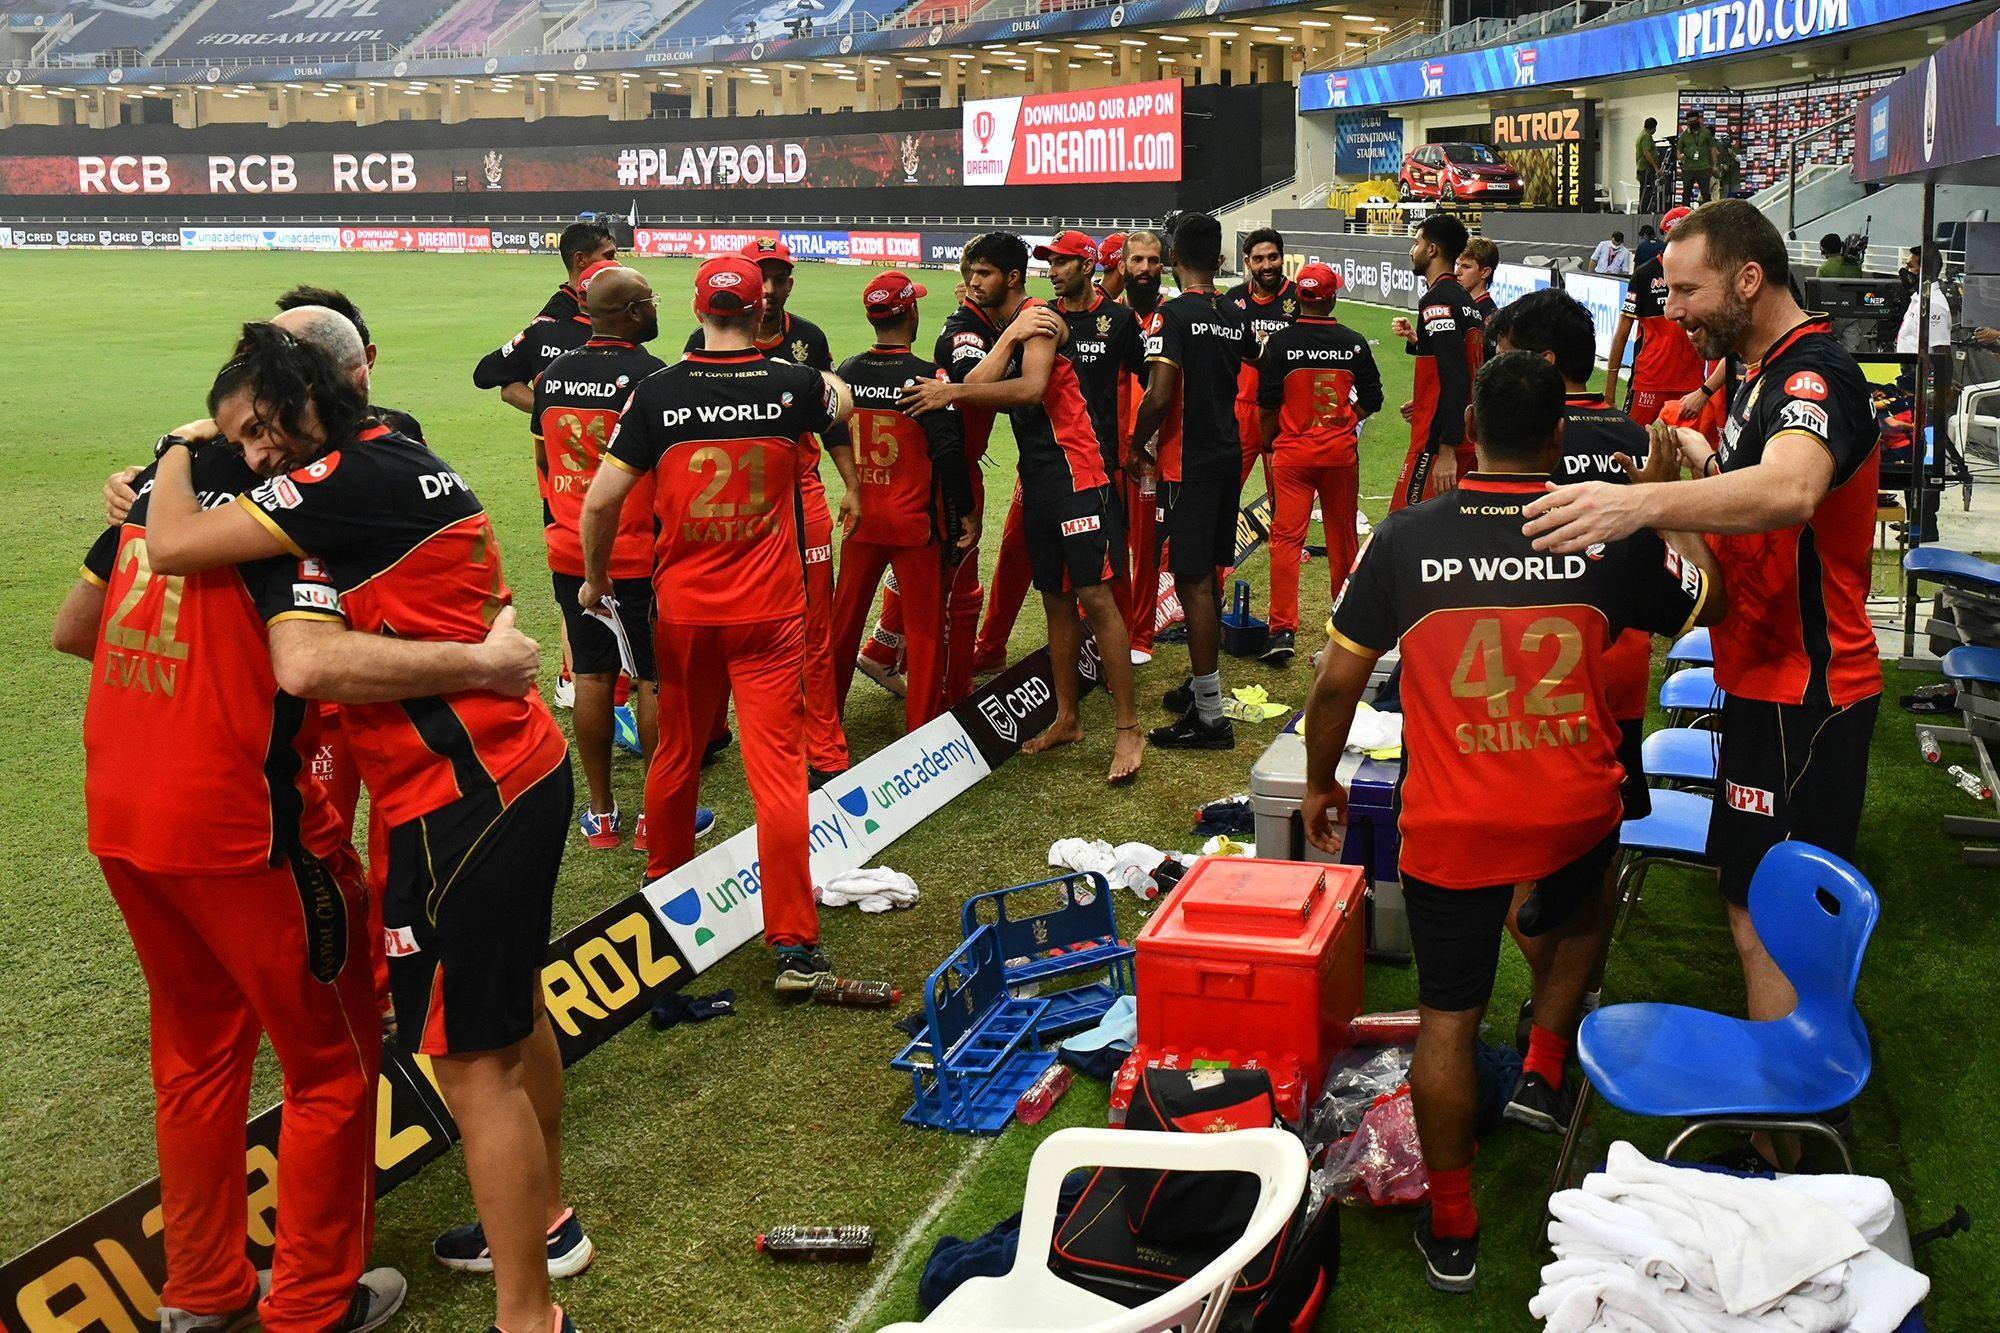 आईपीएलमा आज : लगातार चाैथाे जितकाे अपेक्षामा बैंग्लोर